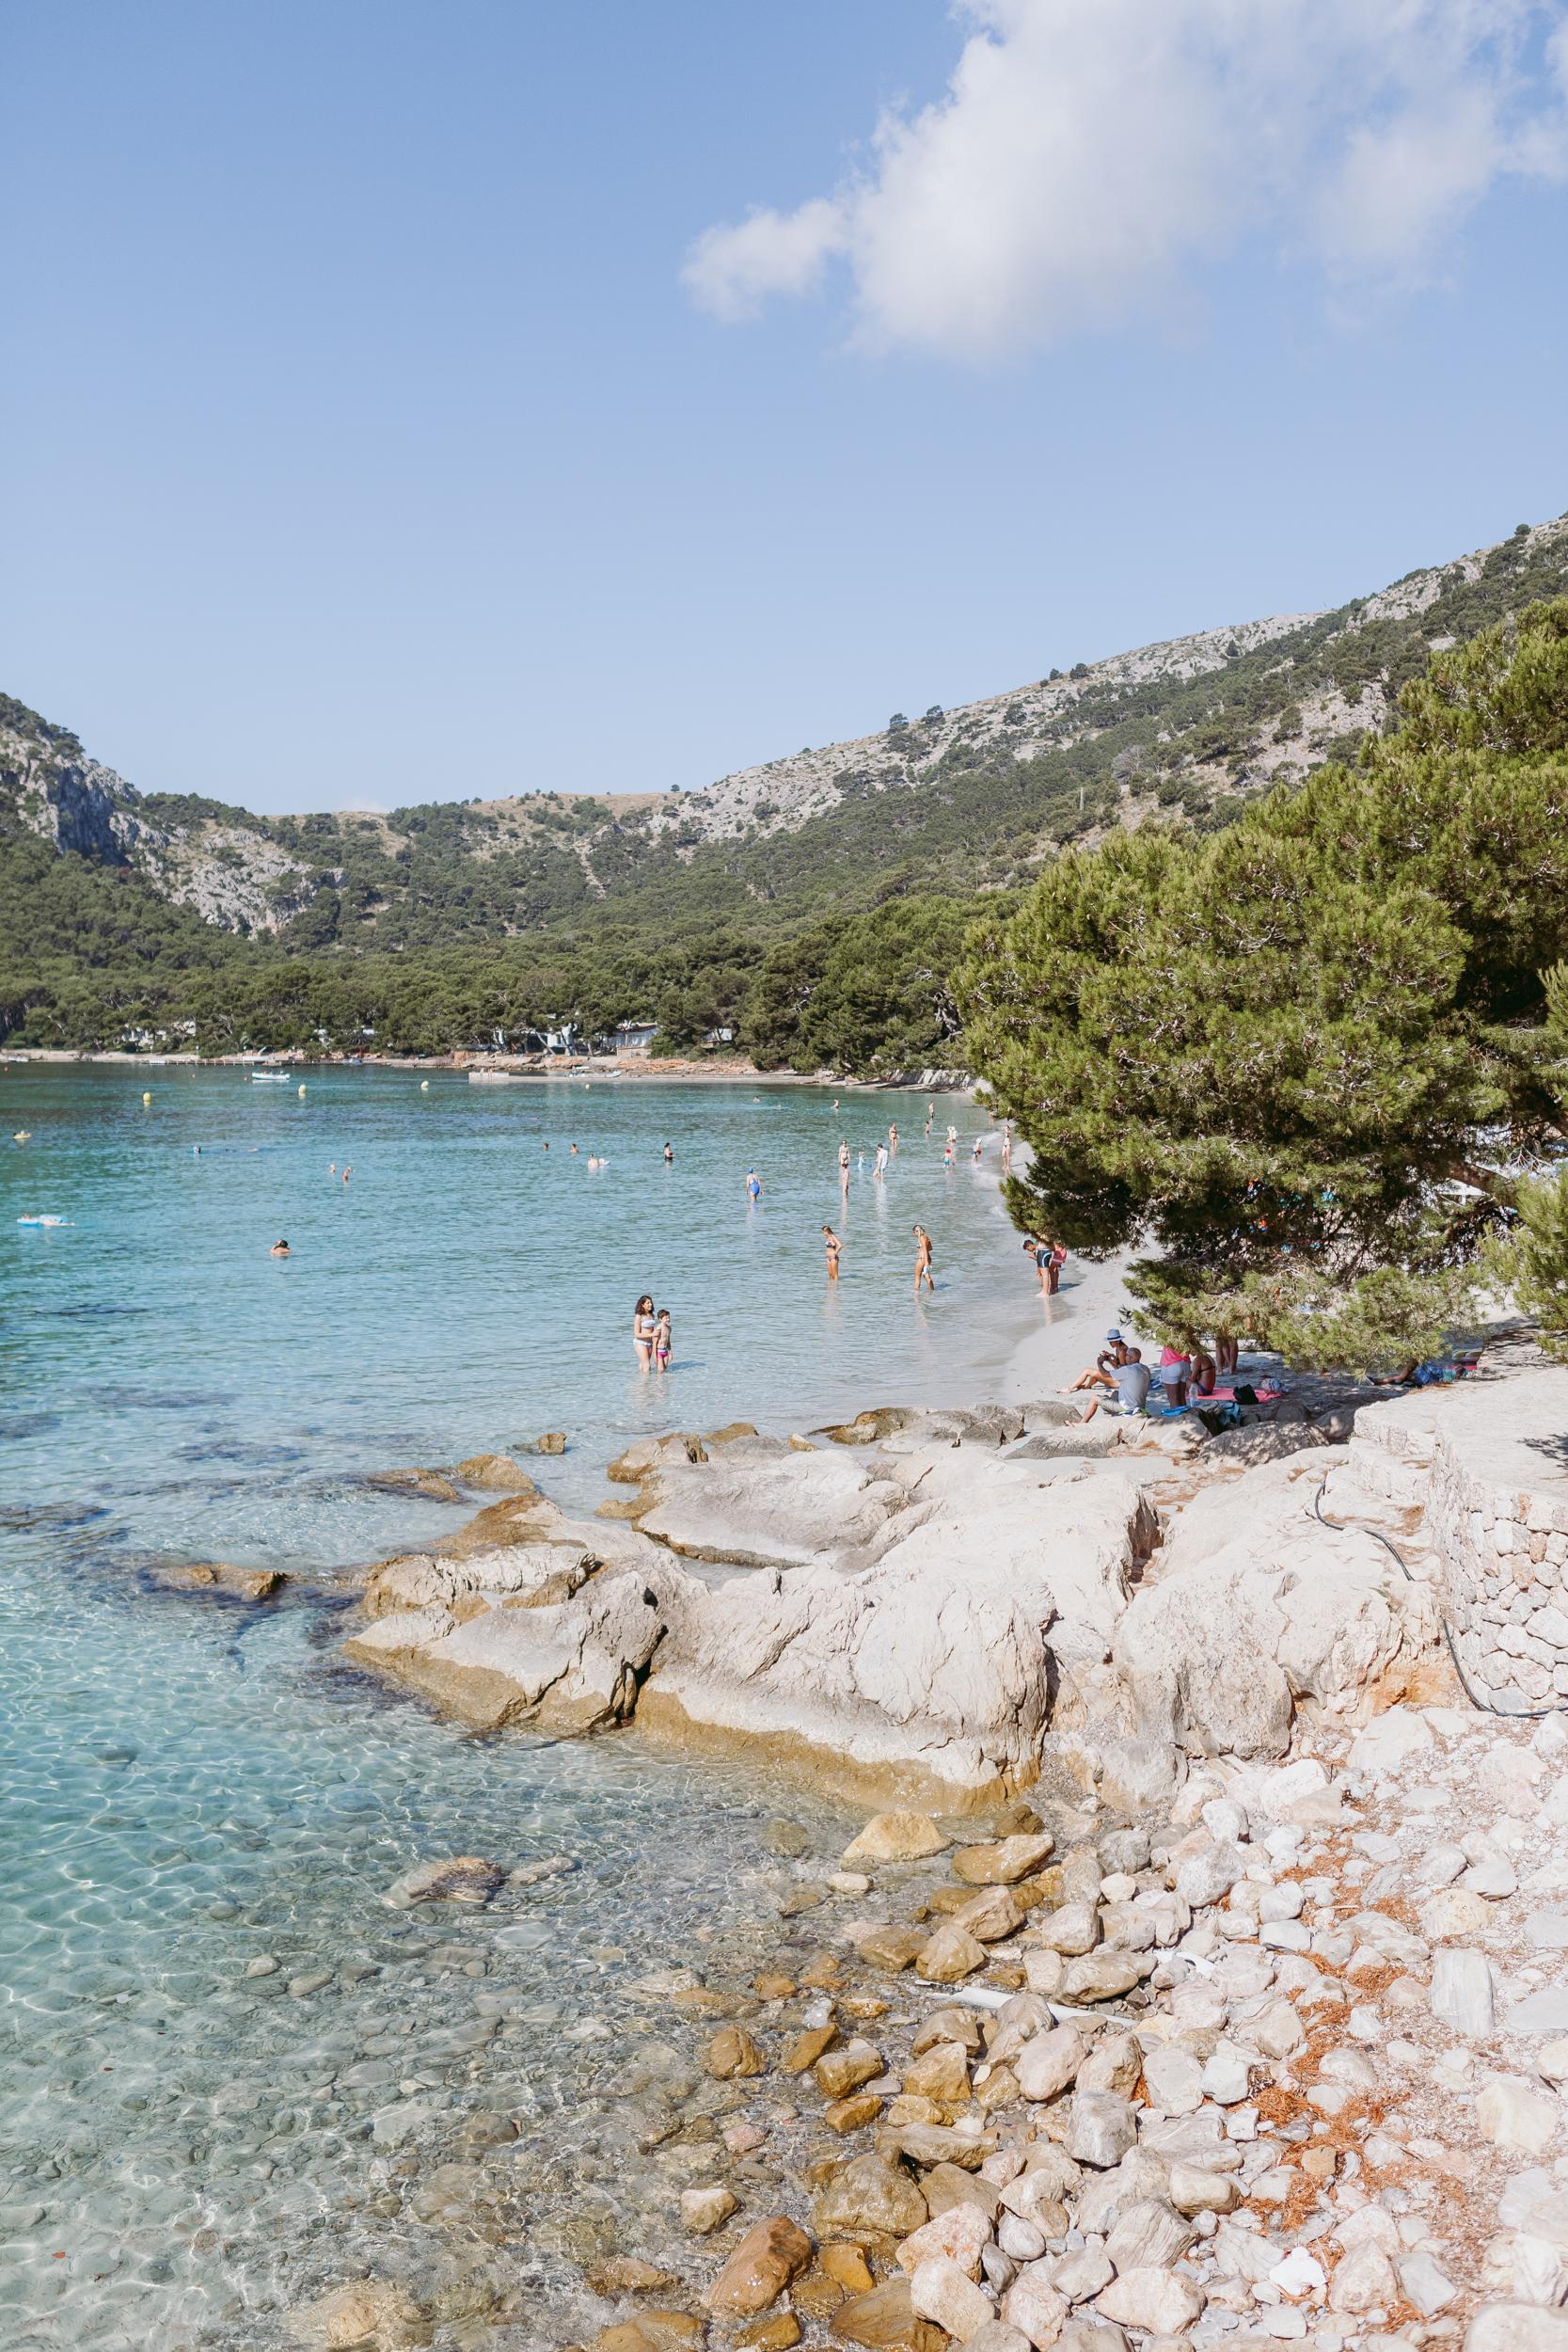 CALA FORMENTOR BEACH - Ein Ausflug in den Nordwesten Mallorcas lohnt nicht nur zum Baden im kristallklaren Wasser – sondern auch zum Picknick unter Pinien.